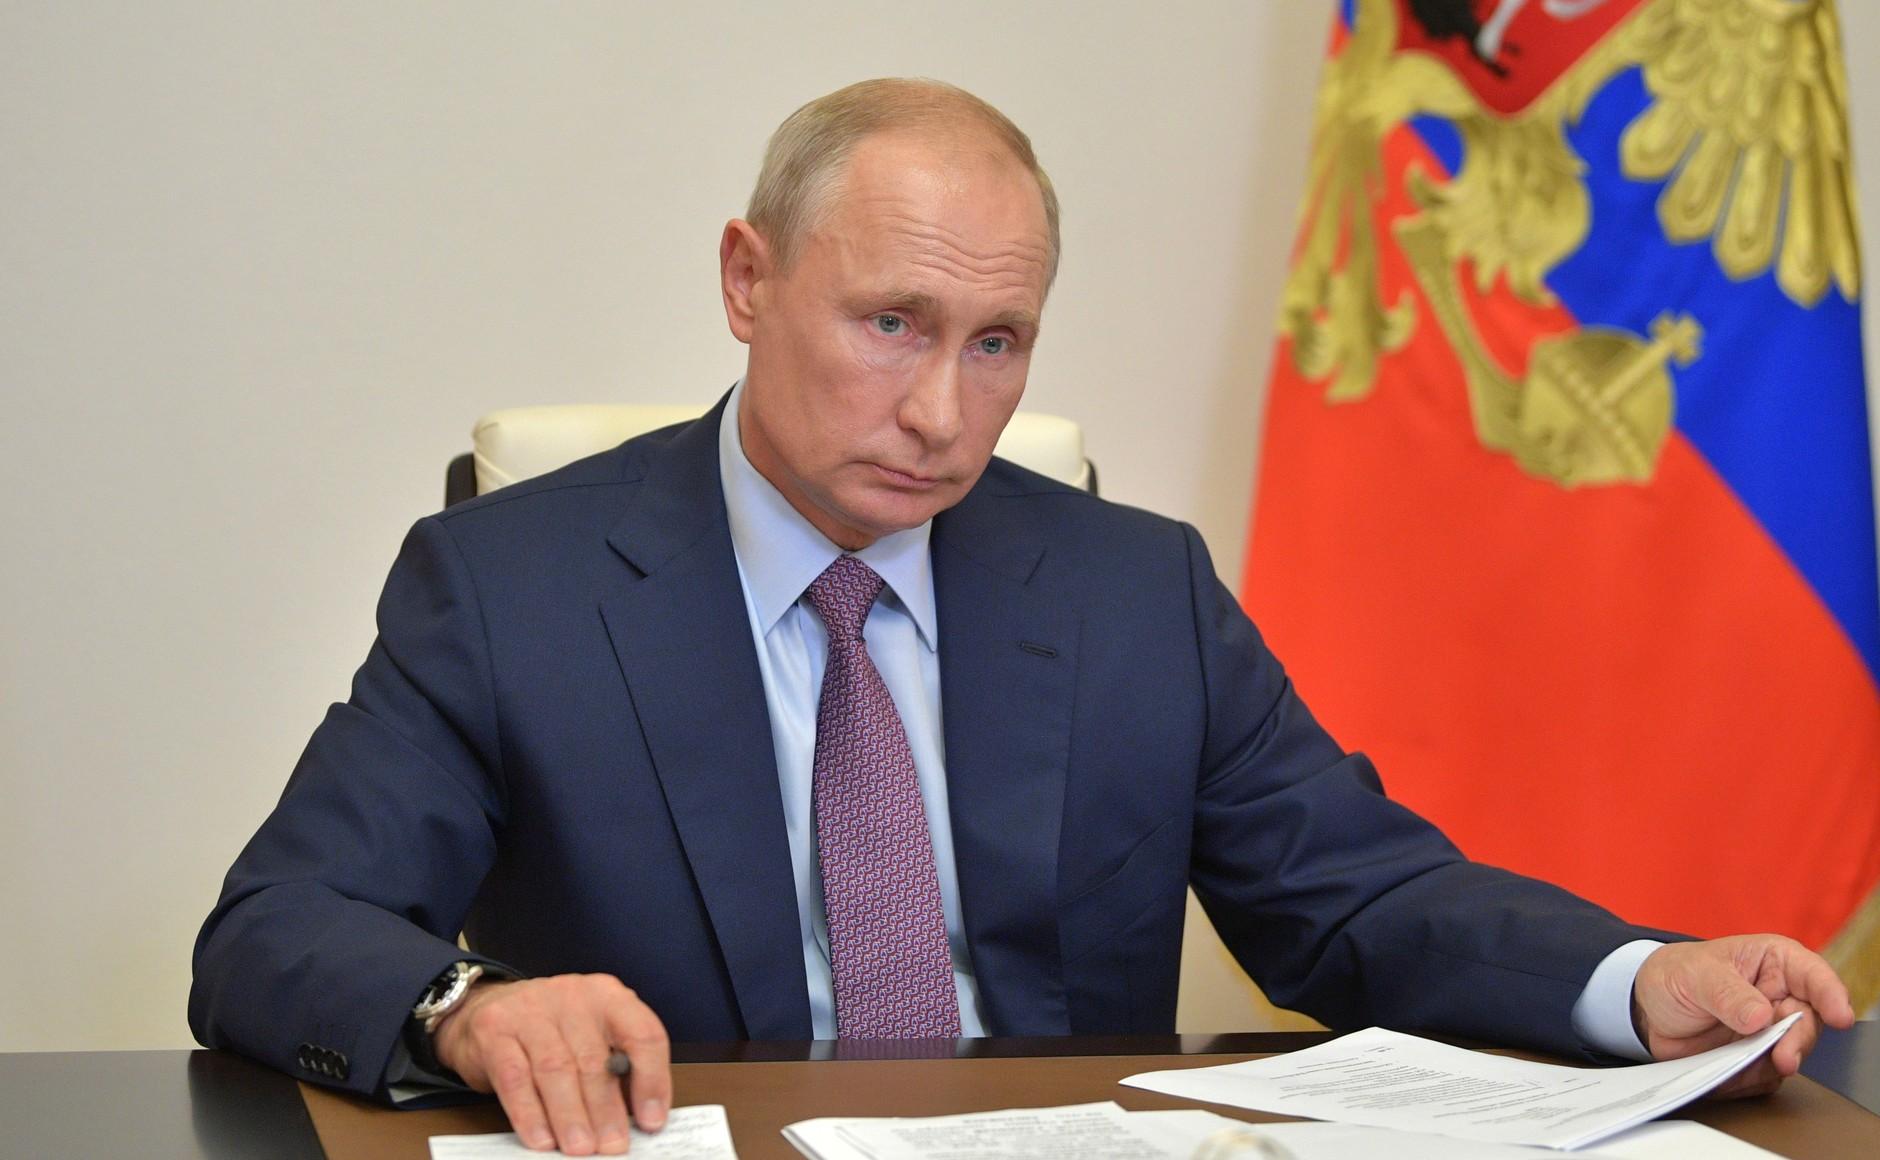 Giallo al Cremlino. Trovato morto un agente della sicurezza (forse di Putin)